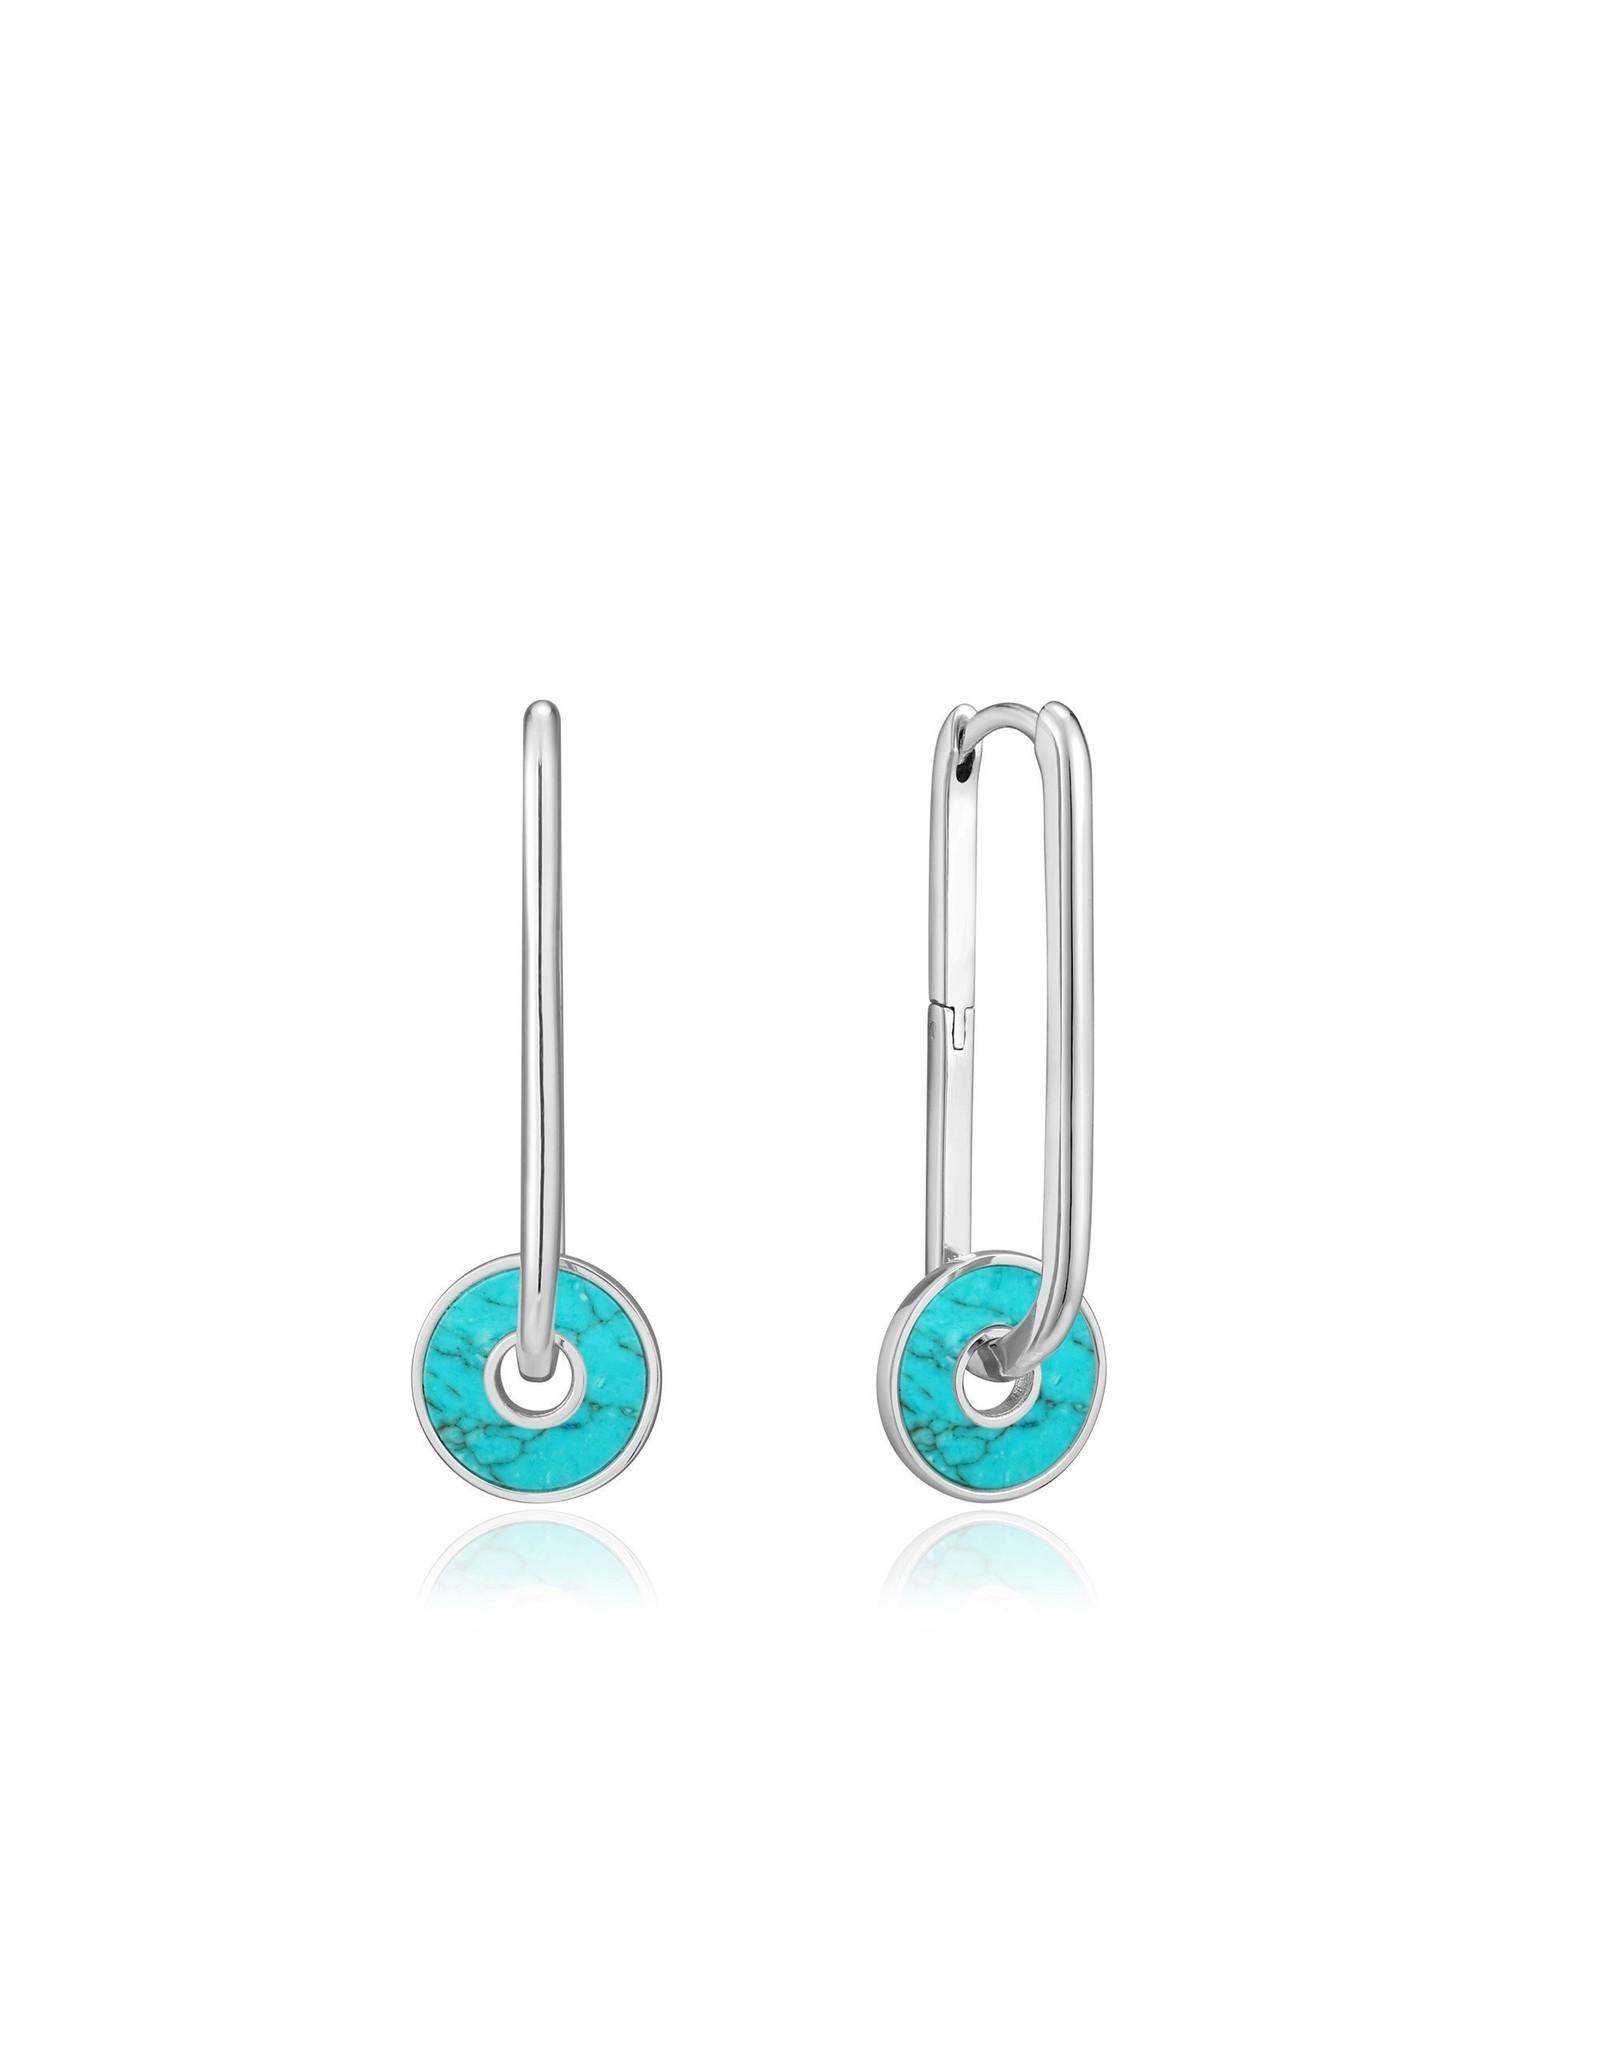 Ania Haie Turquoise Disc Hoop Earrings, silver